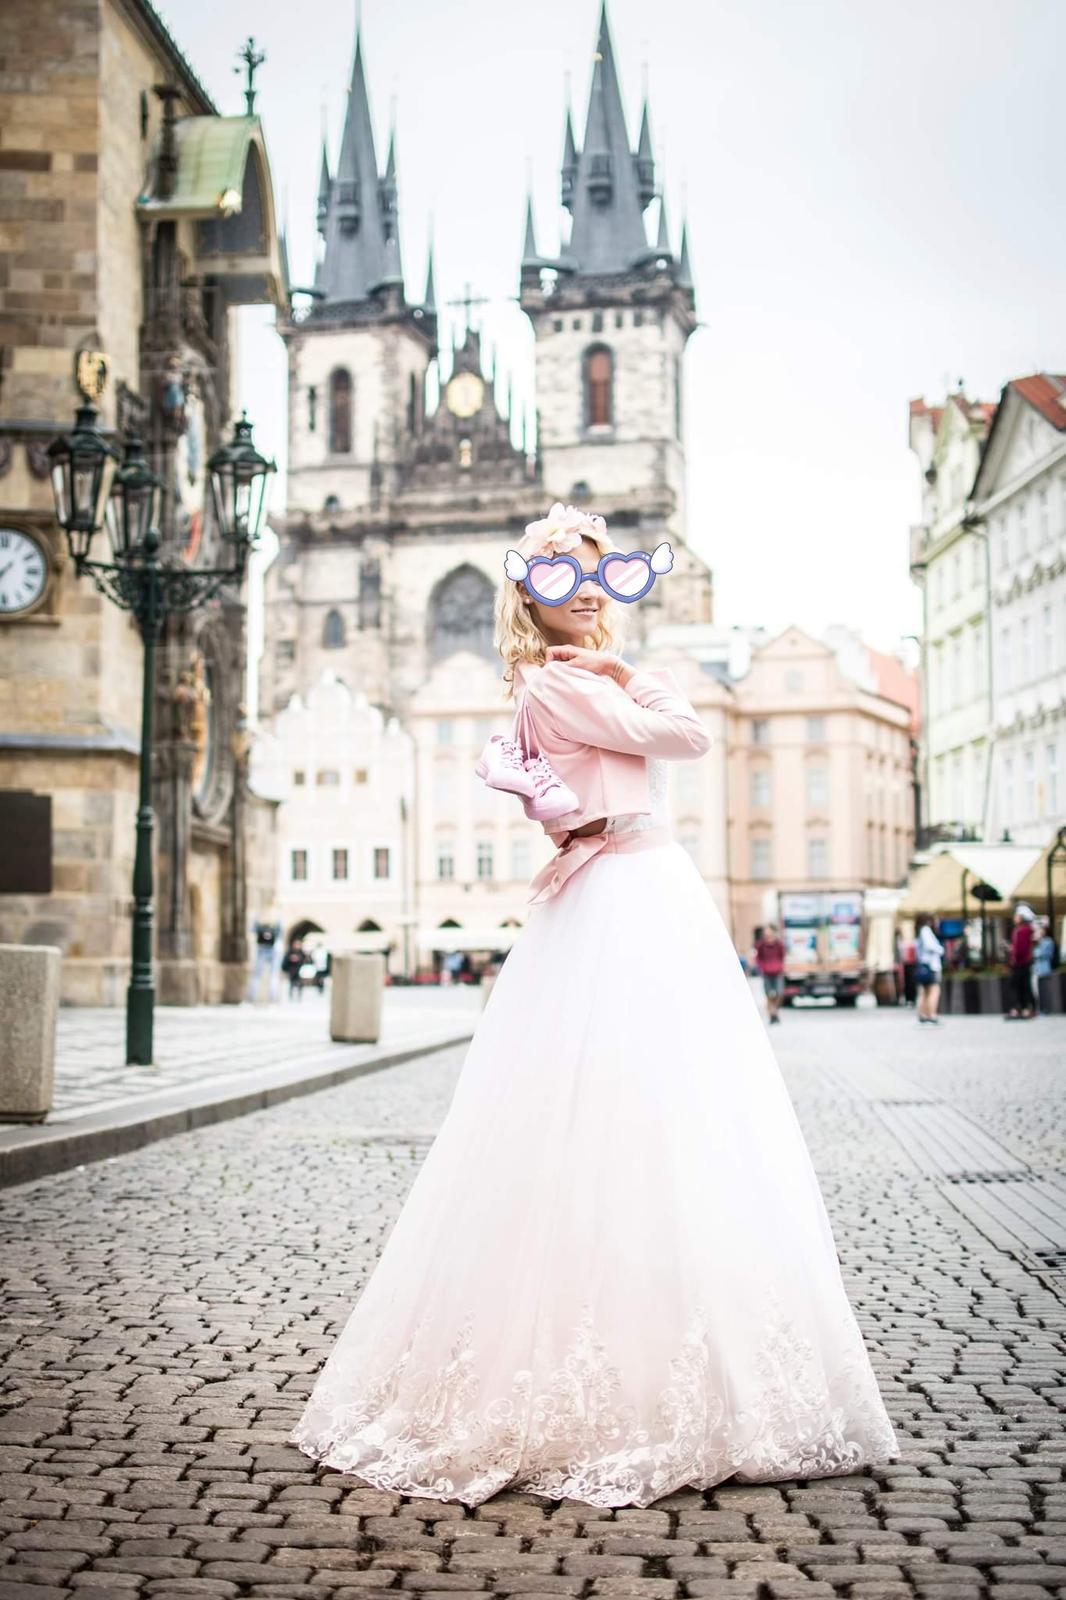 Svatební šaty s vykrojenými zády, vel. 34 - Obrázek č. 2